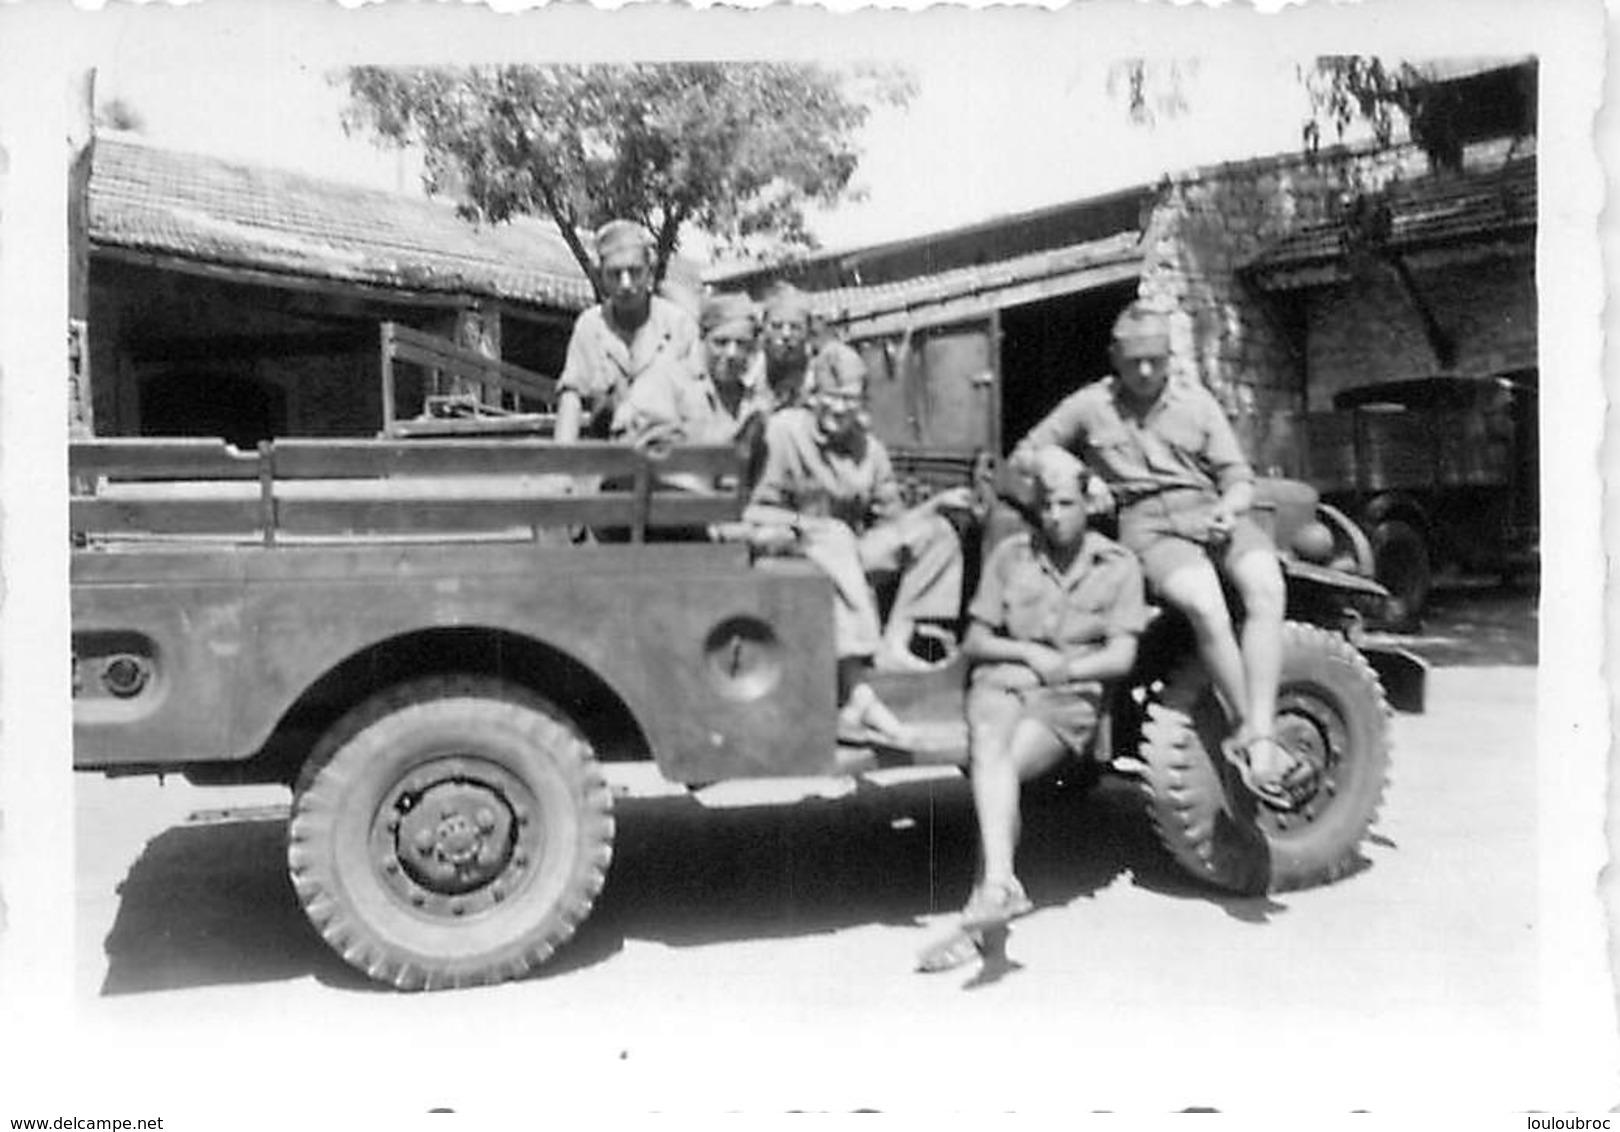 PHOTO ORIGINALE GROUPE DE SOLDATS DANS UN VEHICULE  9 X 6 CM - Guerre, Militaire